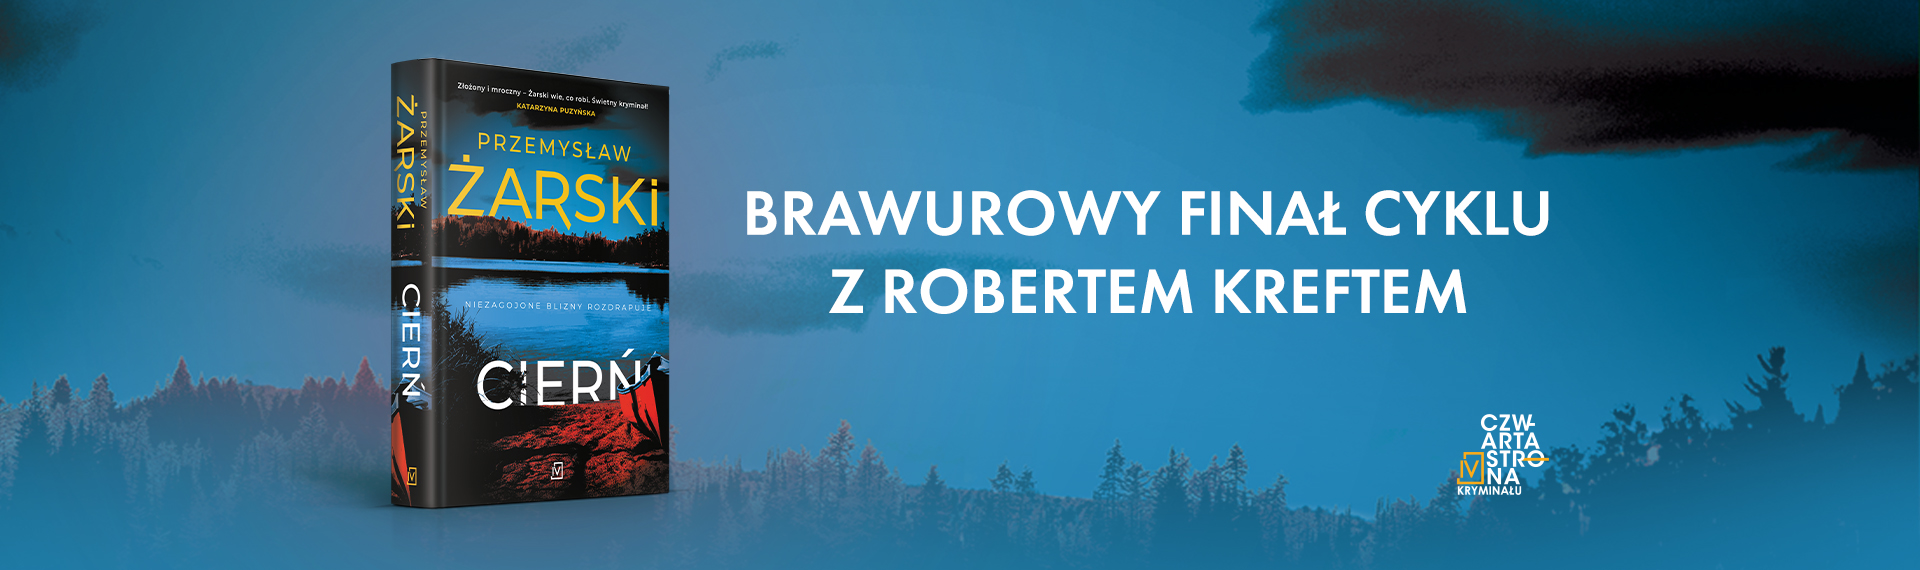 Przemysław Żarski Cierń